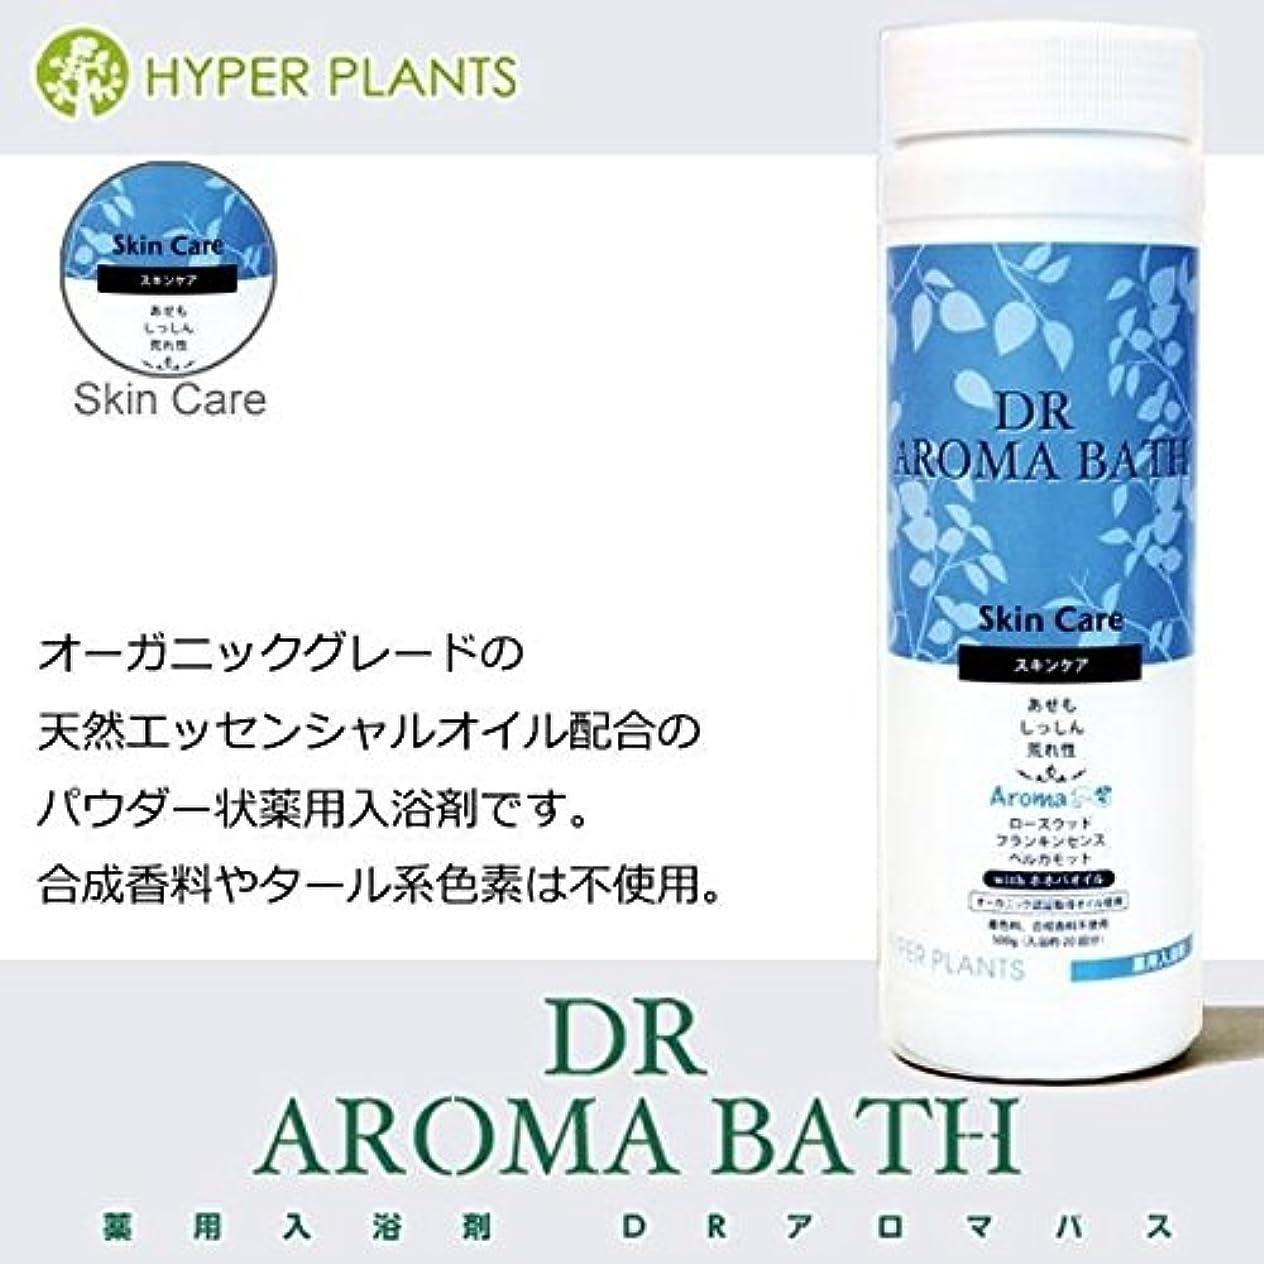 コック海港同盟医薬部外品 薬用入浴剤 ハイパープランツ(HYPER PLANTS) DRアロマバス スキンケア 500g HNB003